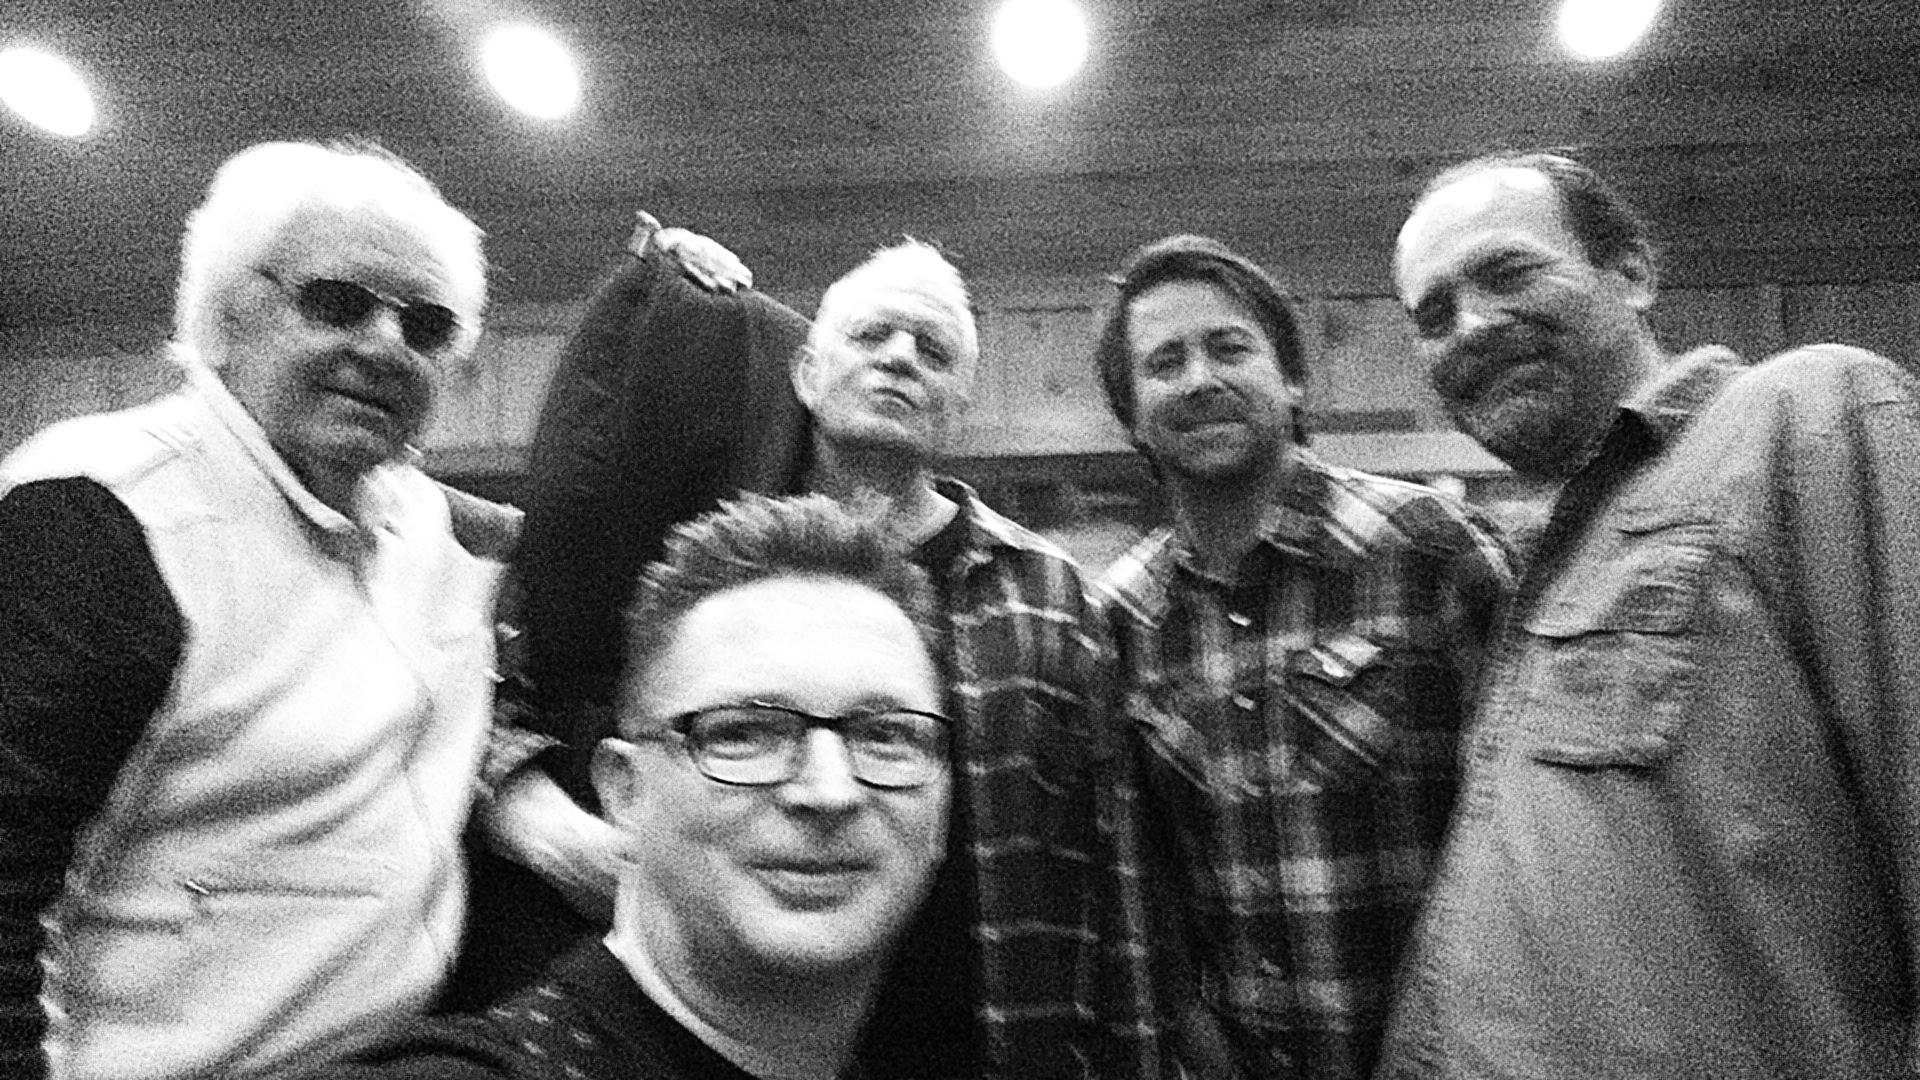 Mit dem Schlagzeuger und dem letzten Bassisten von Johnny Cash in dessen ehemaligen Heimstudio